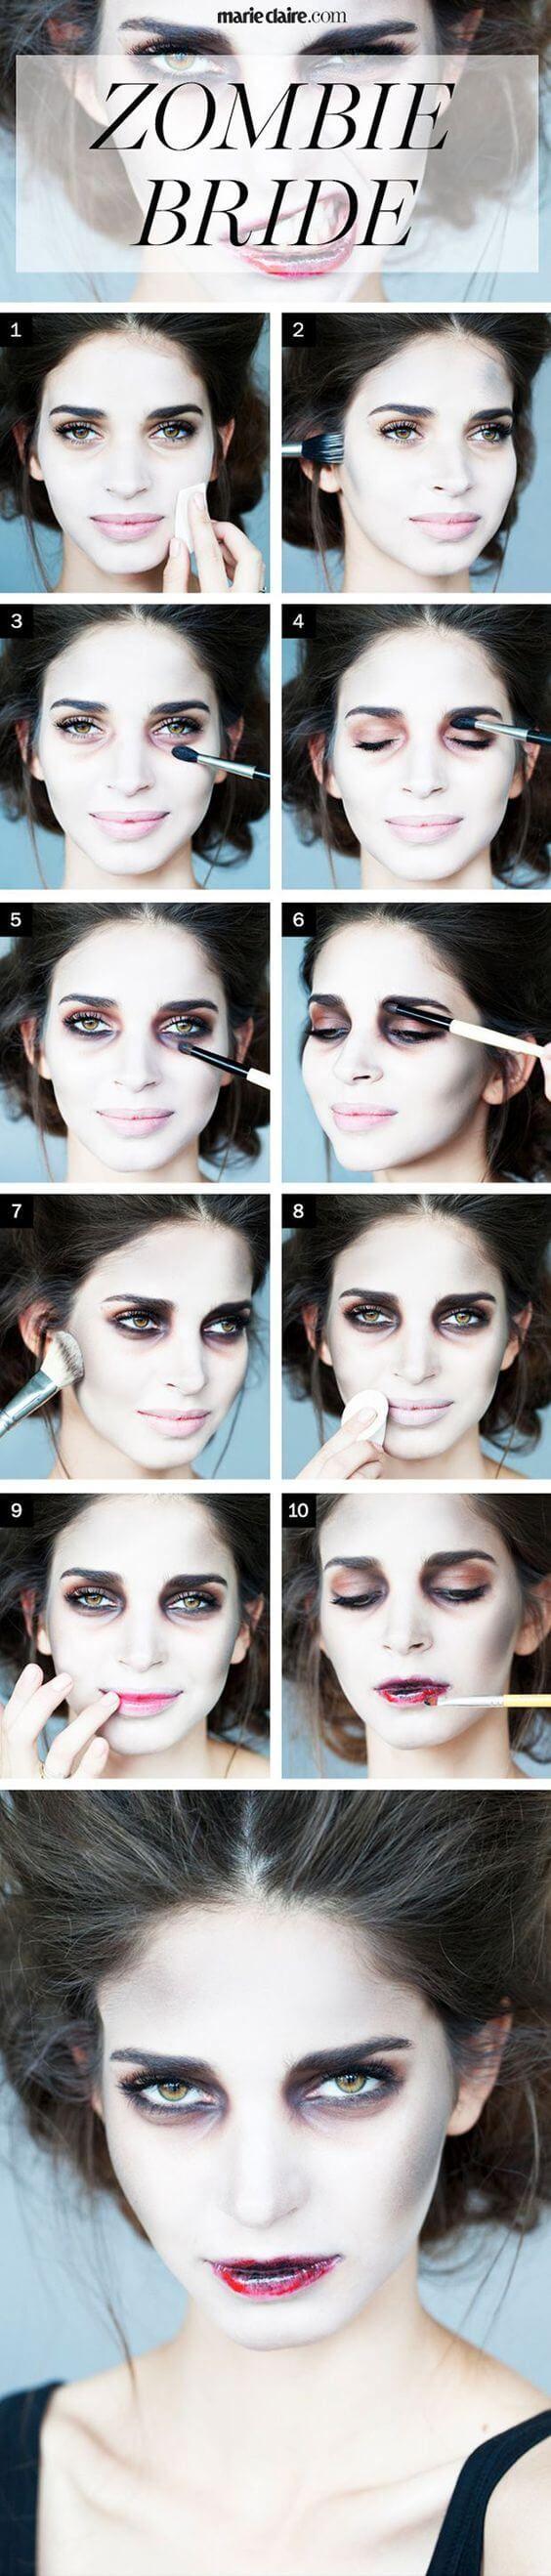 Schaurig-schöne Halloween Masken und Makeup-Ideen #diyhalloweencostumes